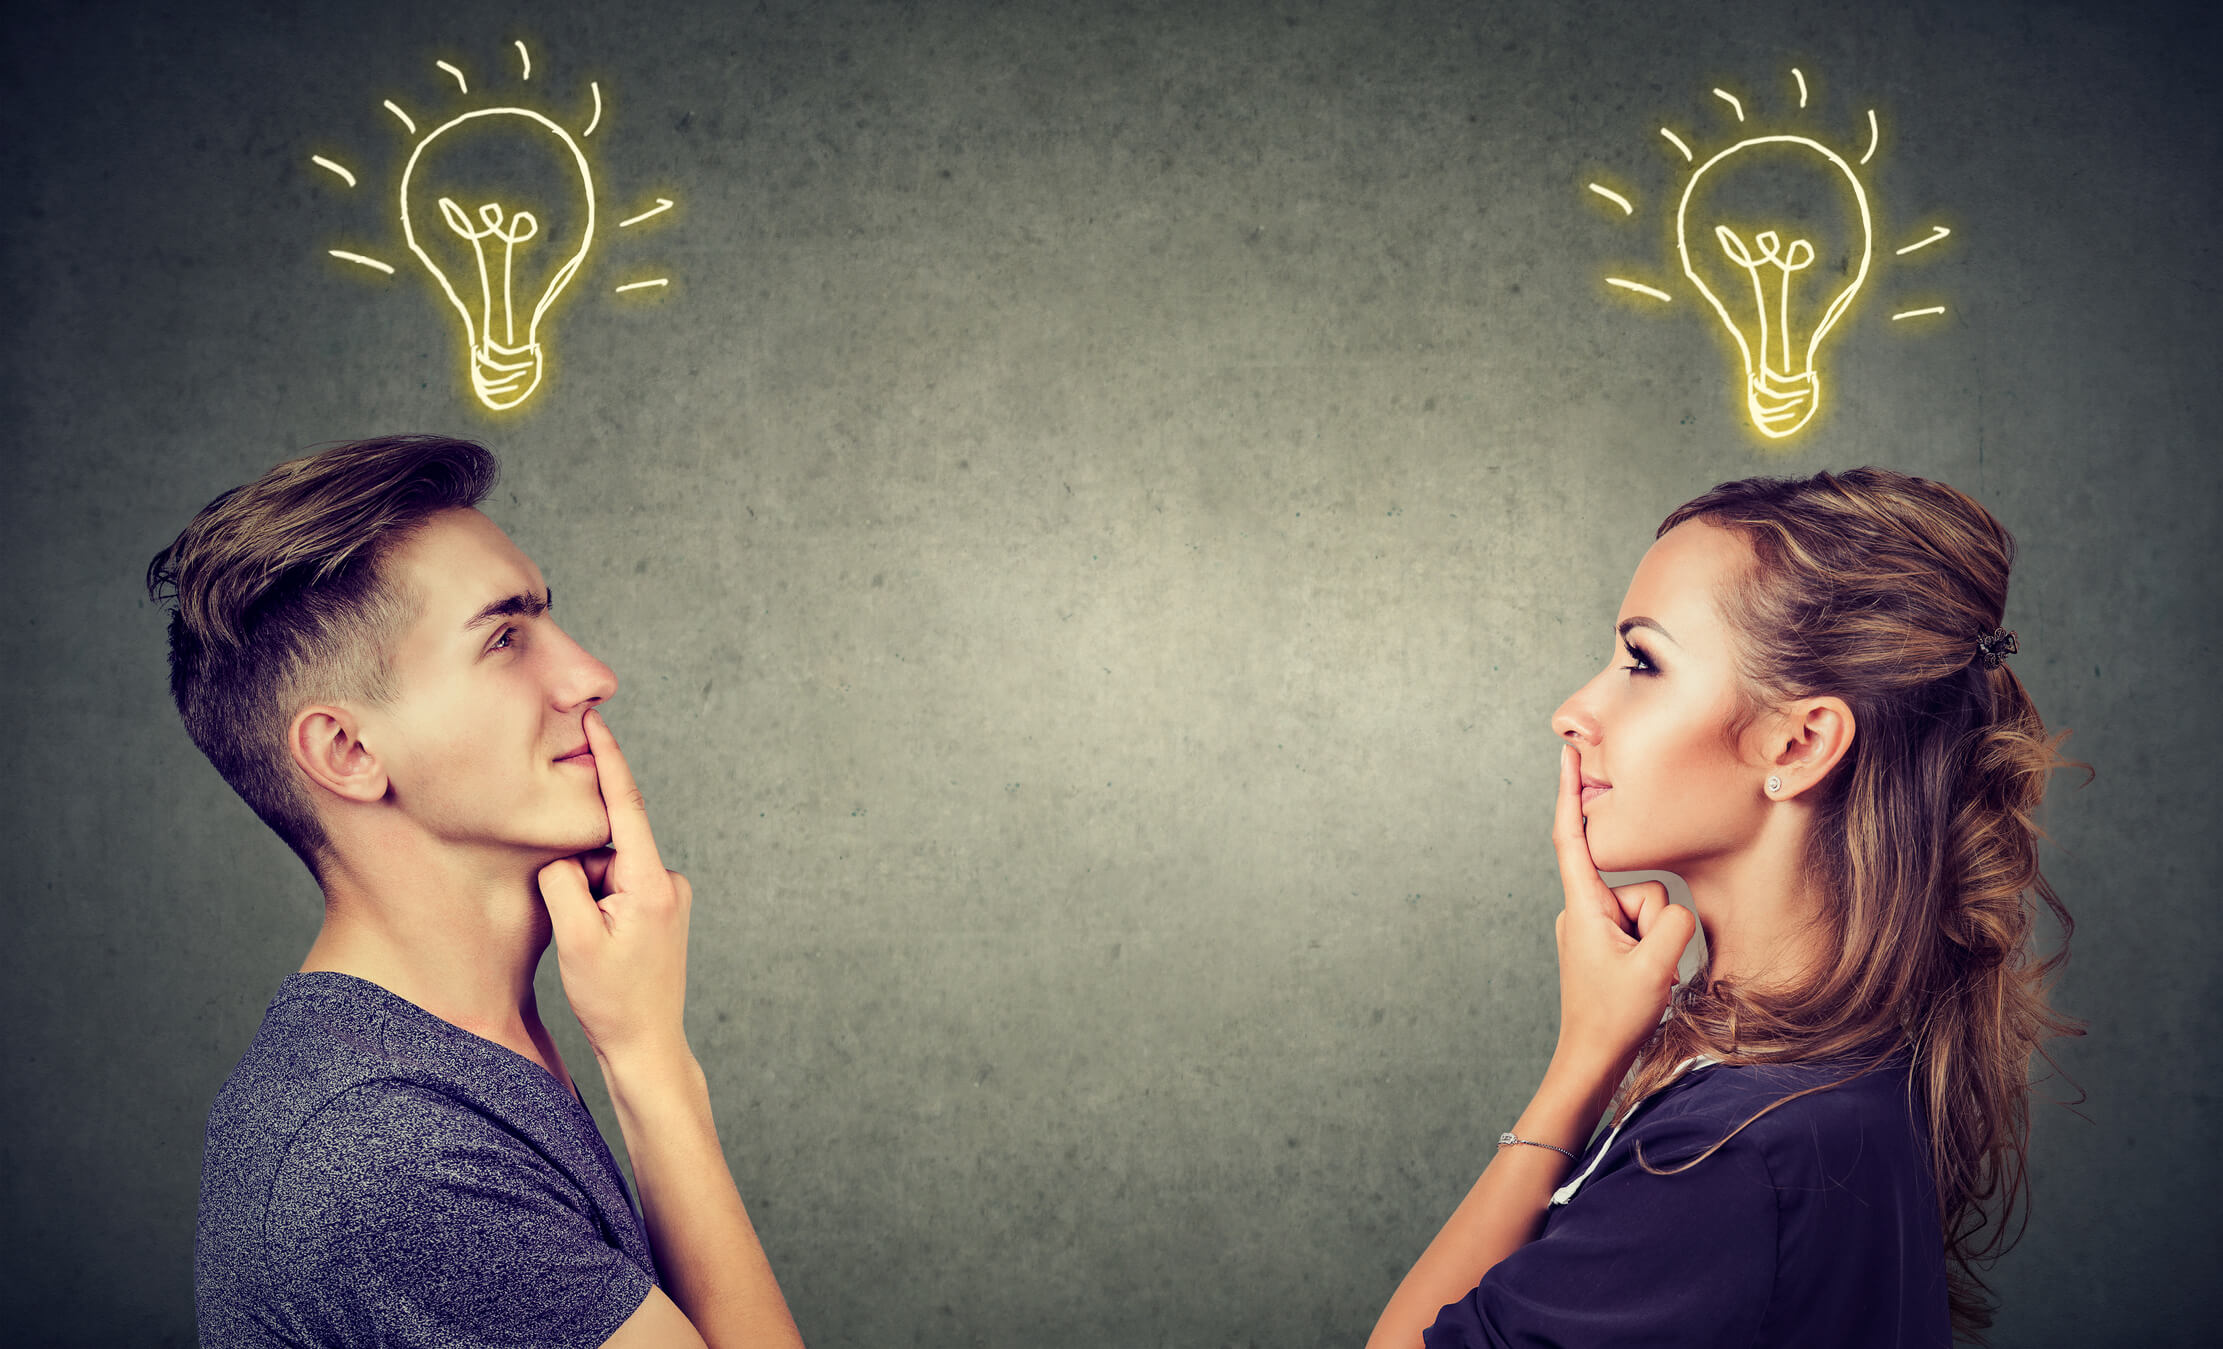 Women Entrepreneur - Complete Controller